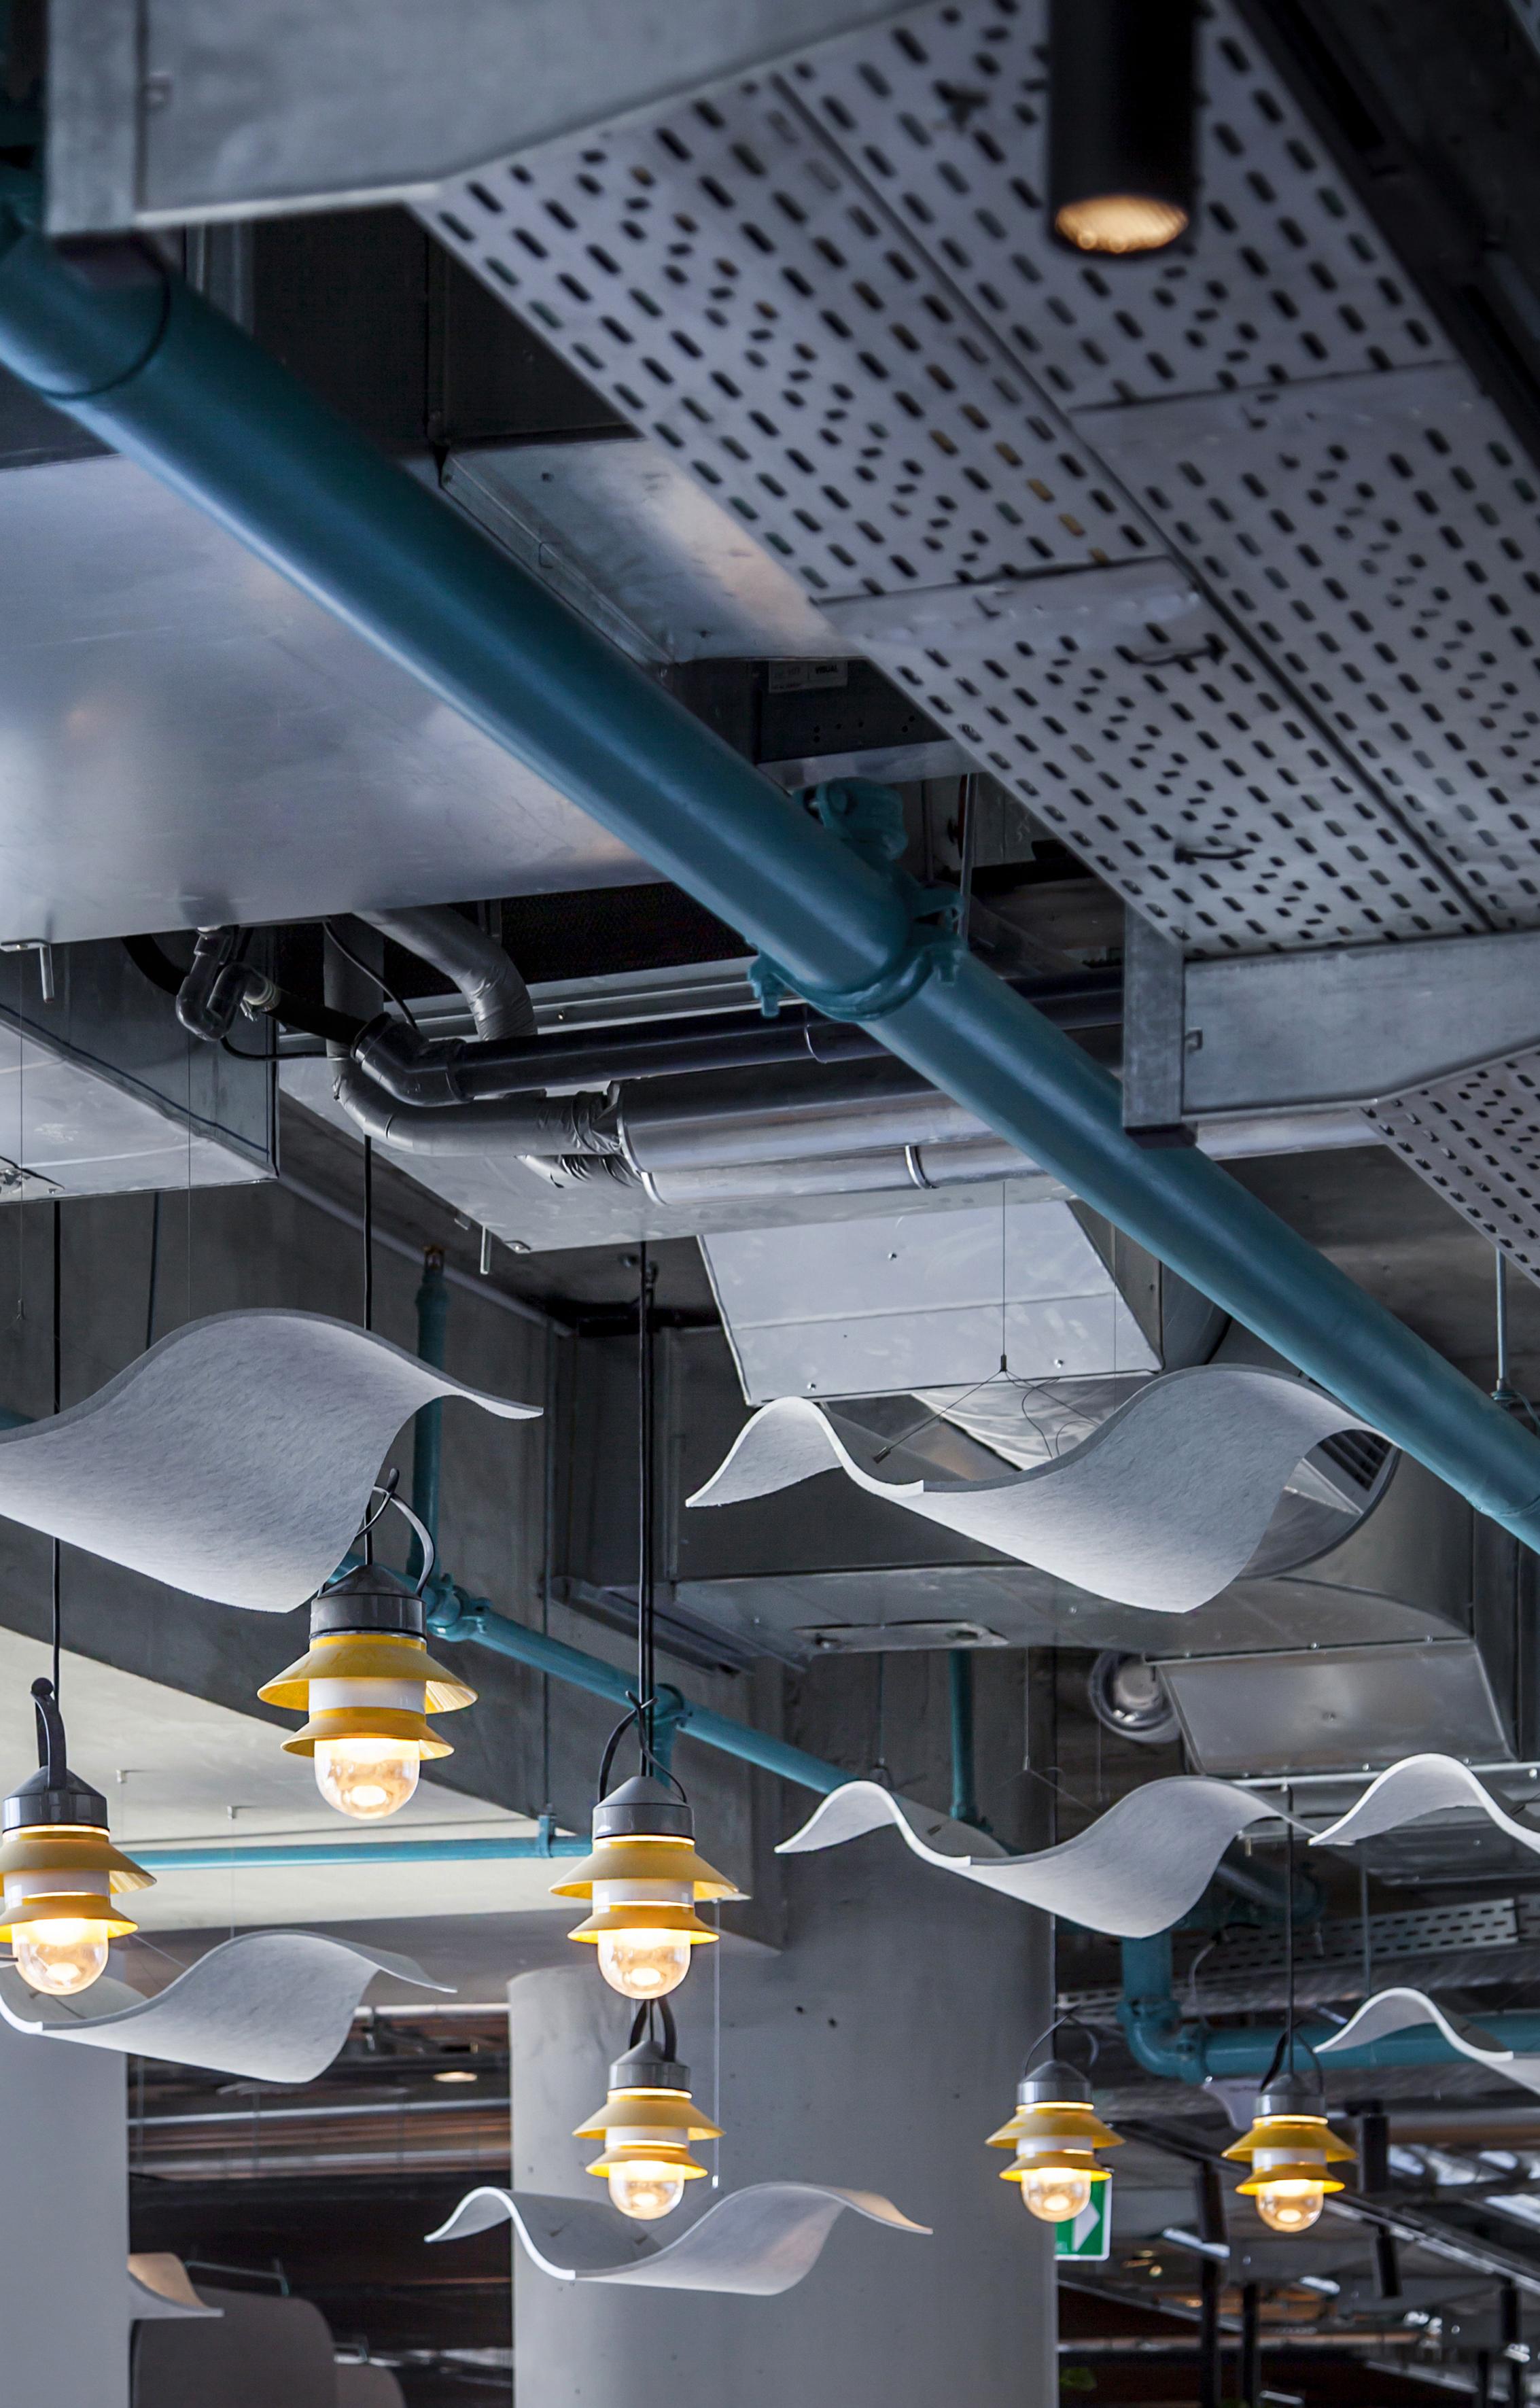 roy david studio offices design - עיצוב משרדים רואי דוד אדריכלות